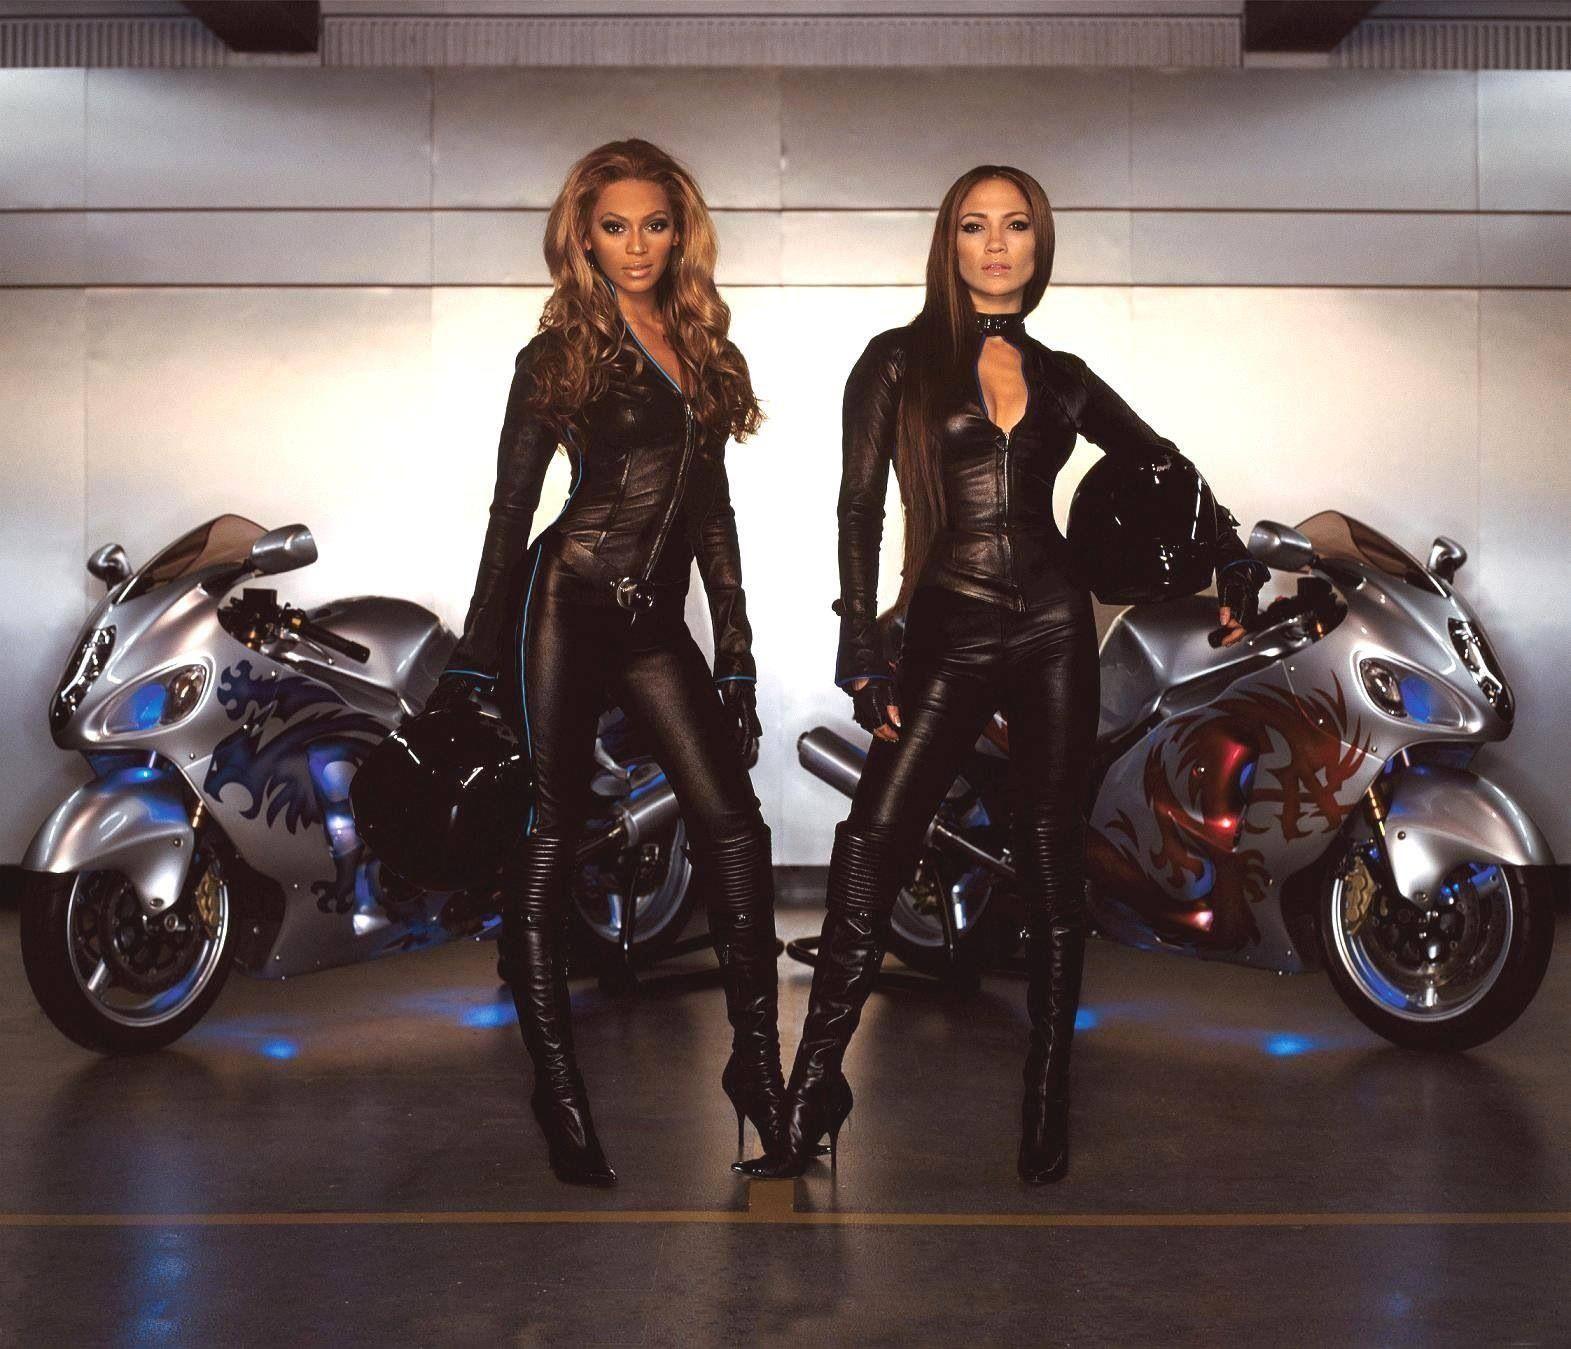 Beyoncé + Jennifer Lopez + 2 Hayabusa 1300cc = Crazy!!!